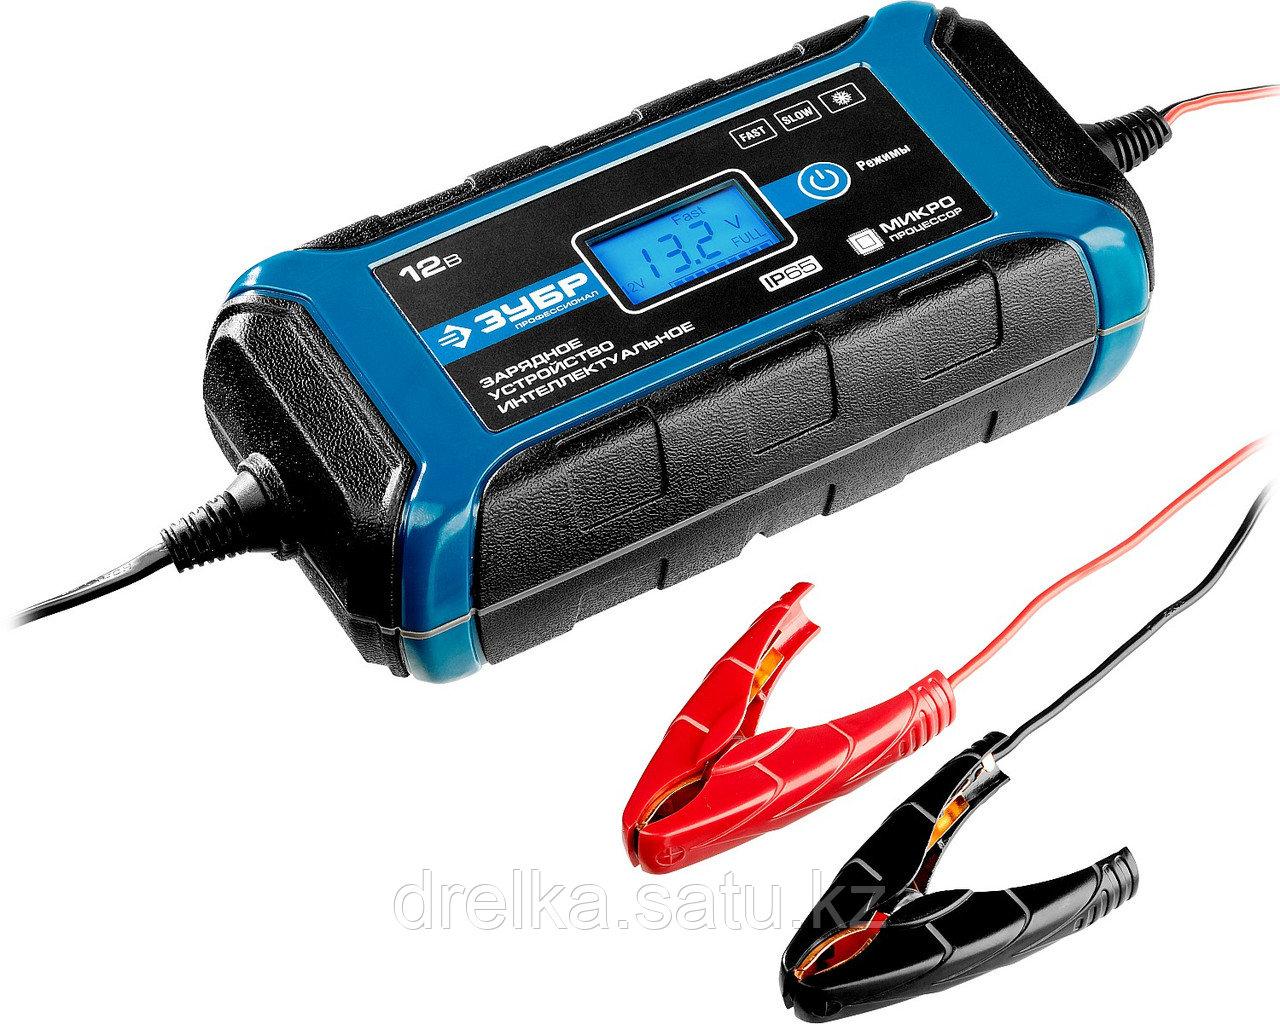 Зарядное устройство для автомобильного аккумулятора ЗУБР 59303, ПРОФЕССИОНАЛ, 12В, 8А, автомат, IP65, AGM.